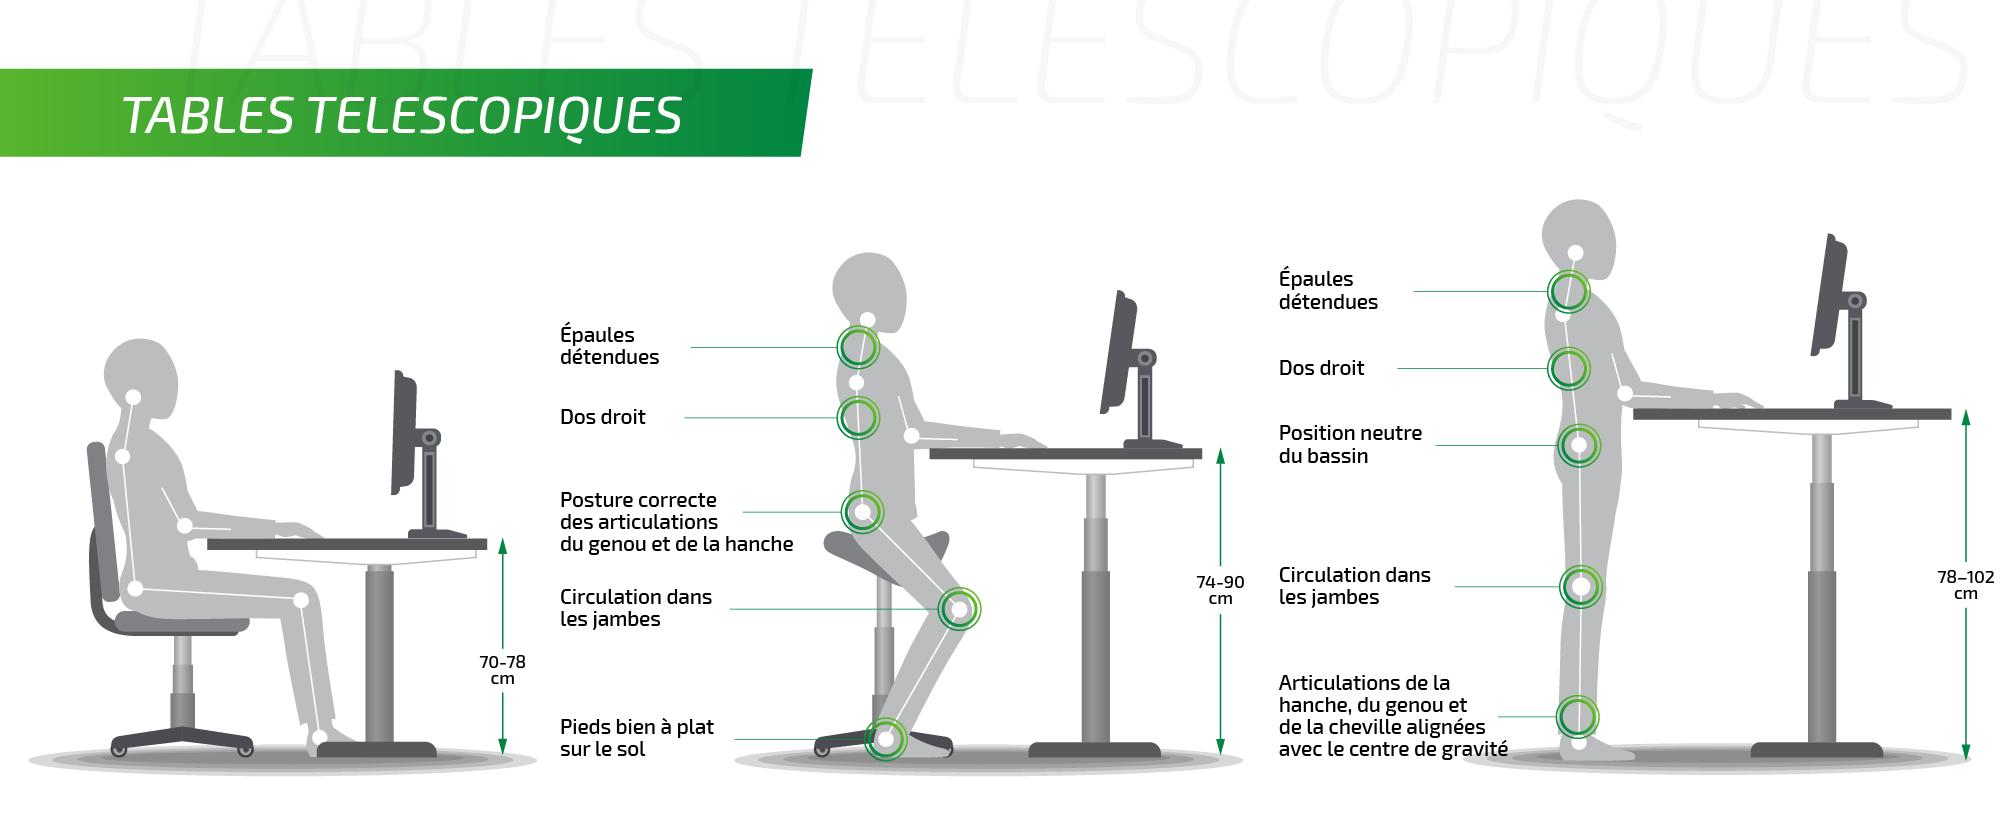 Tables Telescópiques Ergonomics